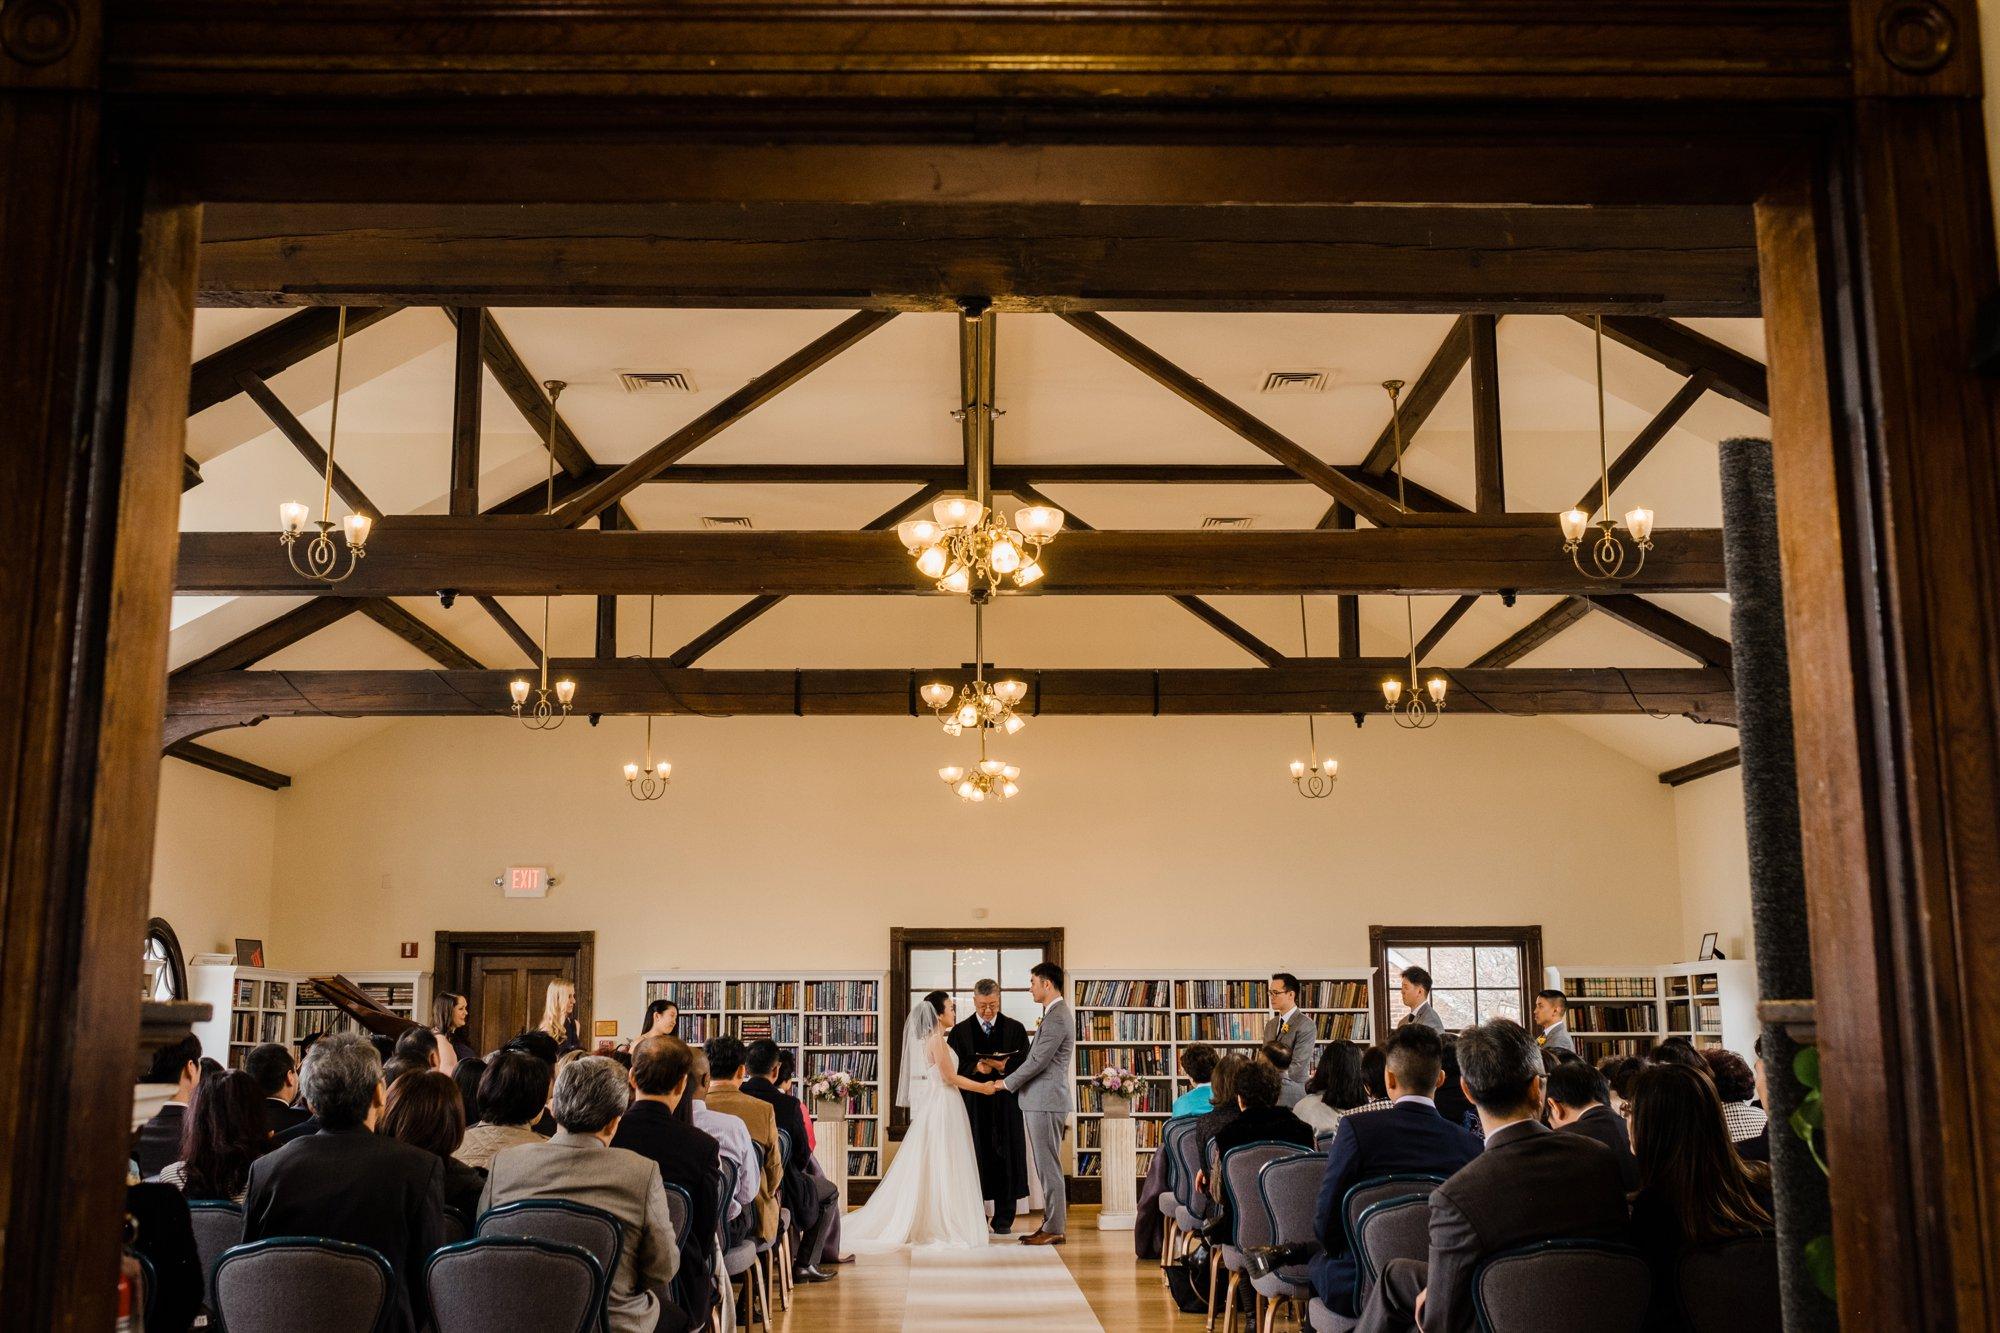 fairfax-dc-wedding-old-city-hall_0110.jpg